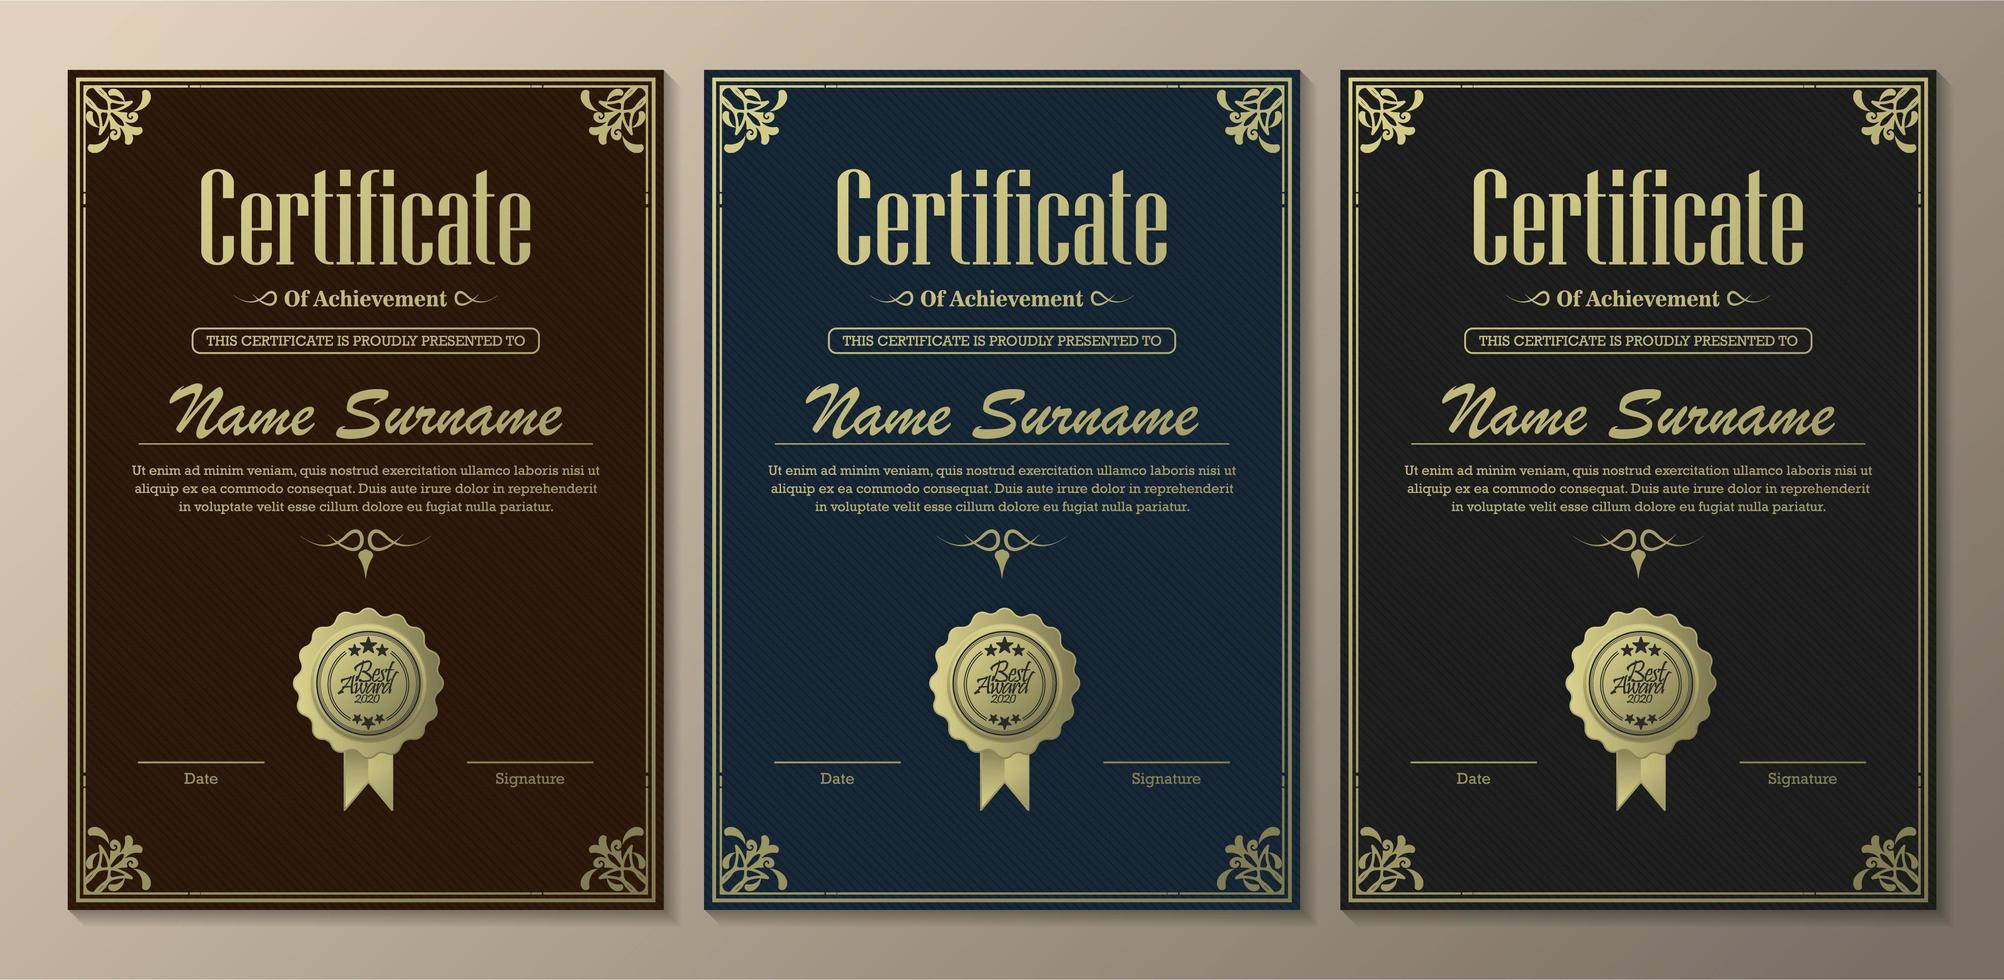 plantillas clásicas de certificado de logros vector